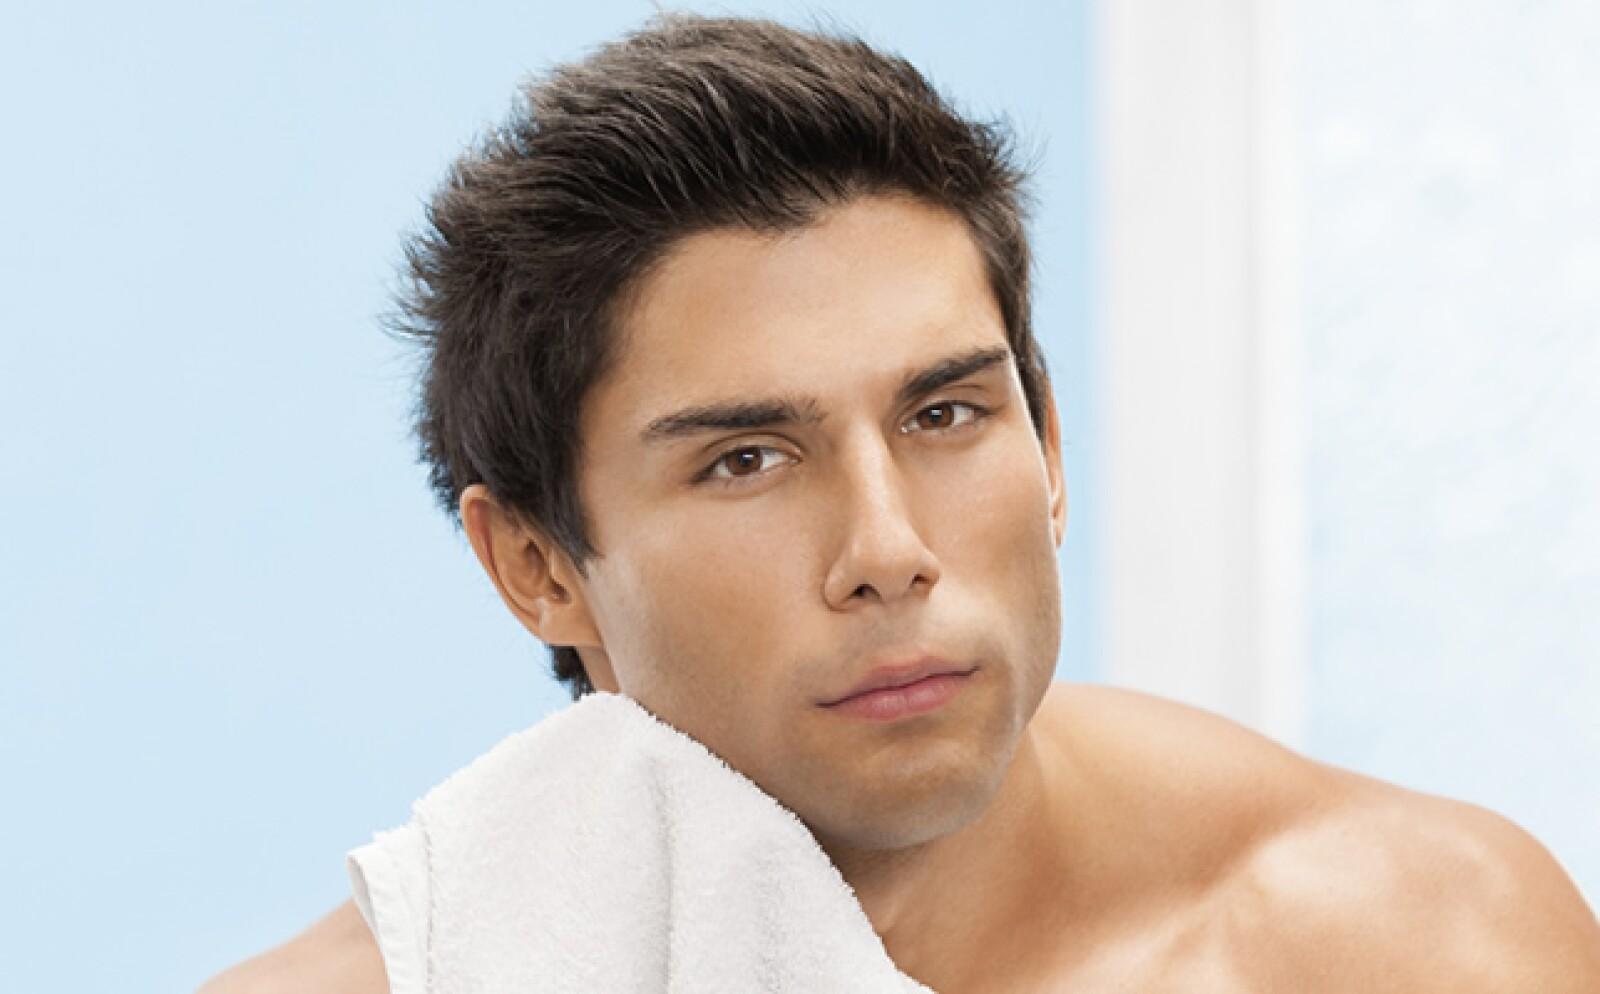 Lava, esta vez con agua fría y palmaditas, para eliminar la crema, refrescar la piel y cerrar los poros. Seca con una toalla.